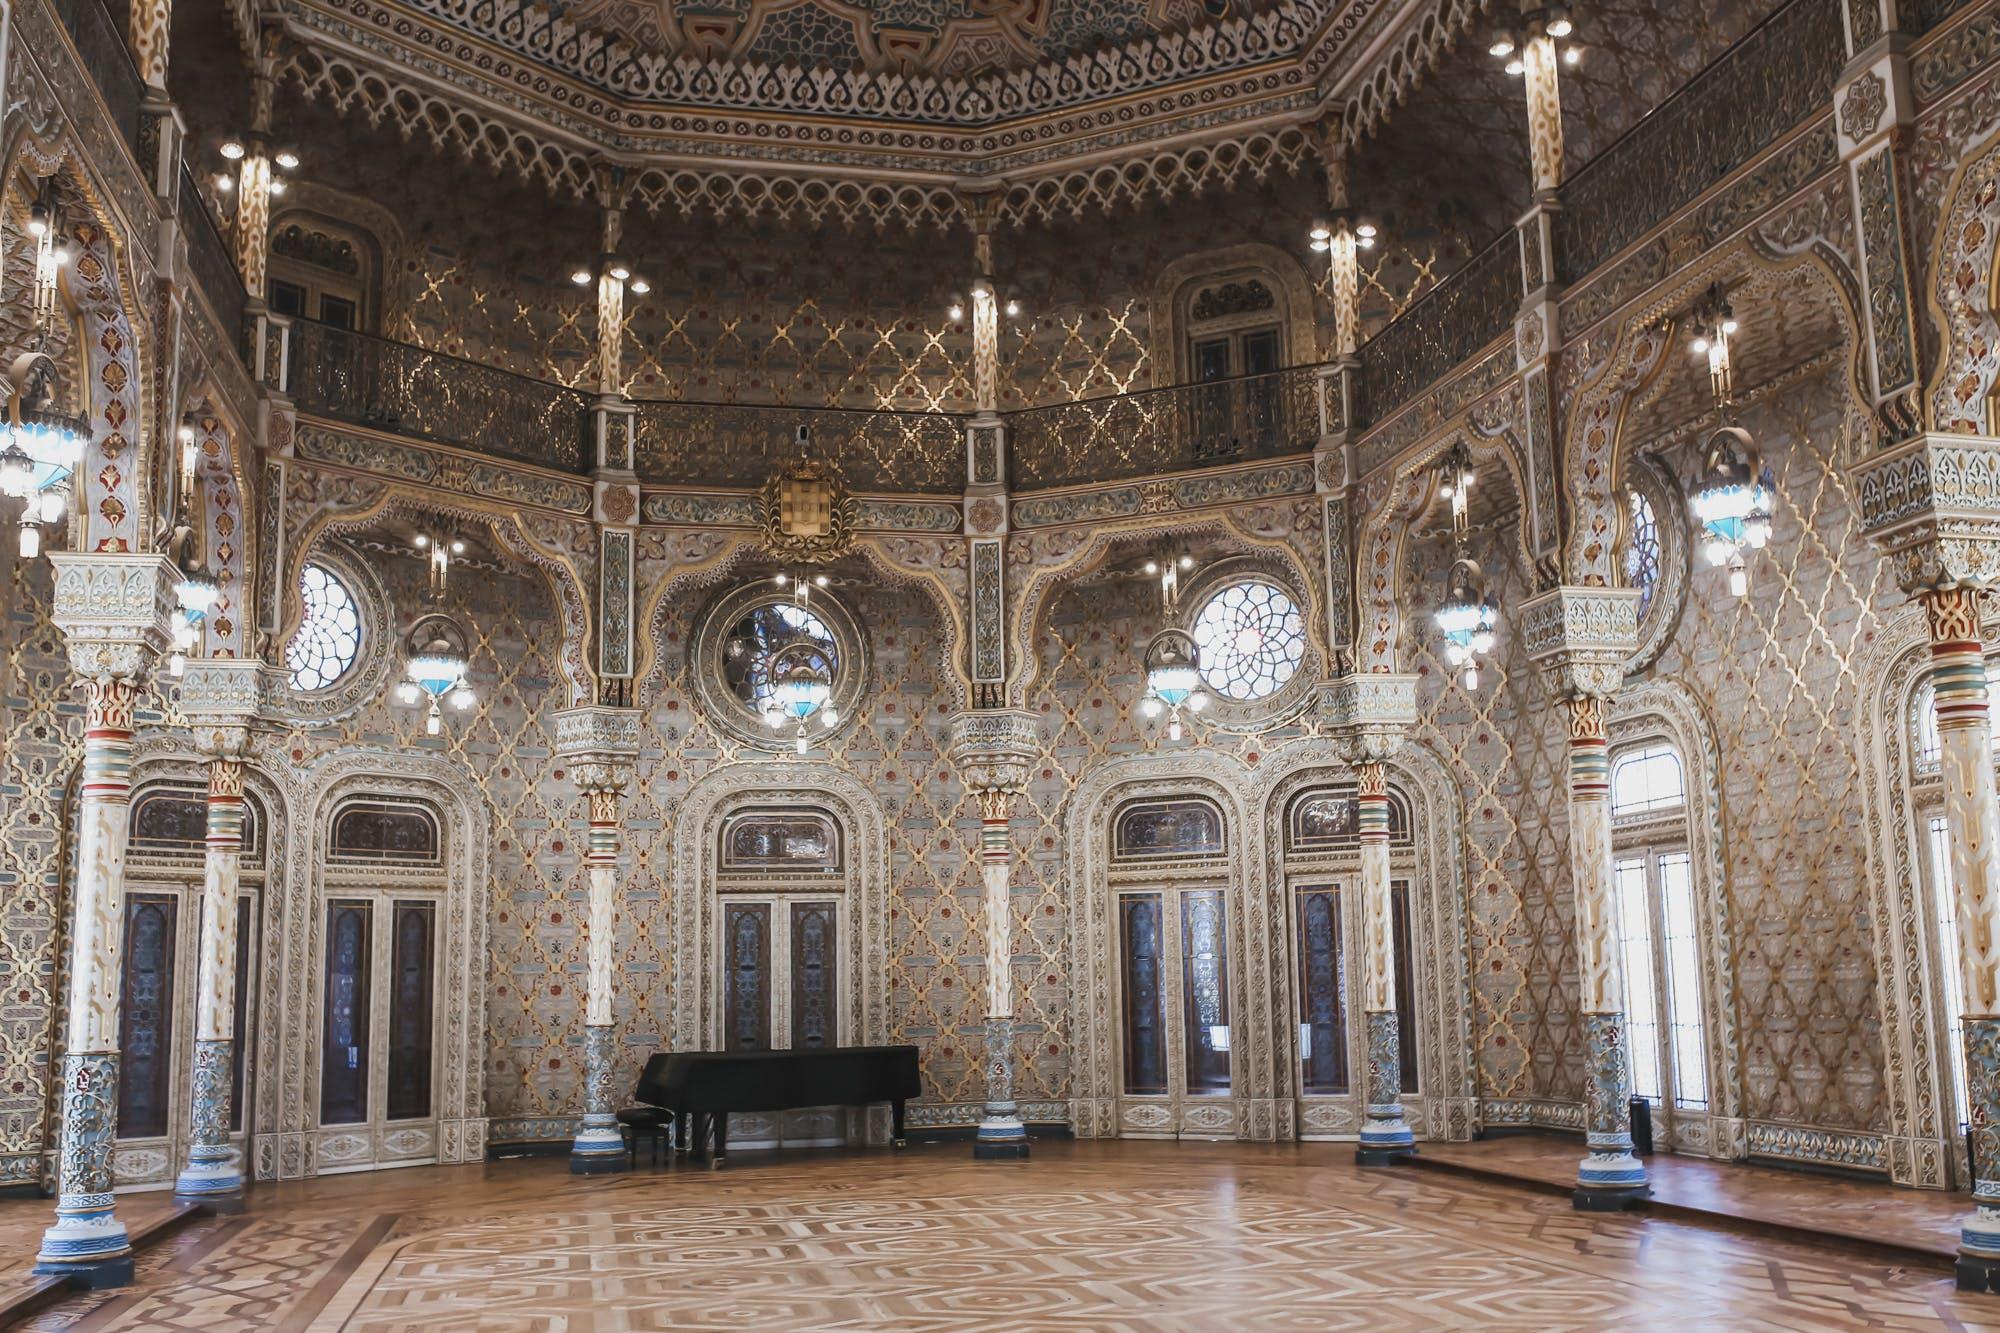 grand arab room in the palacio de bolsa